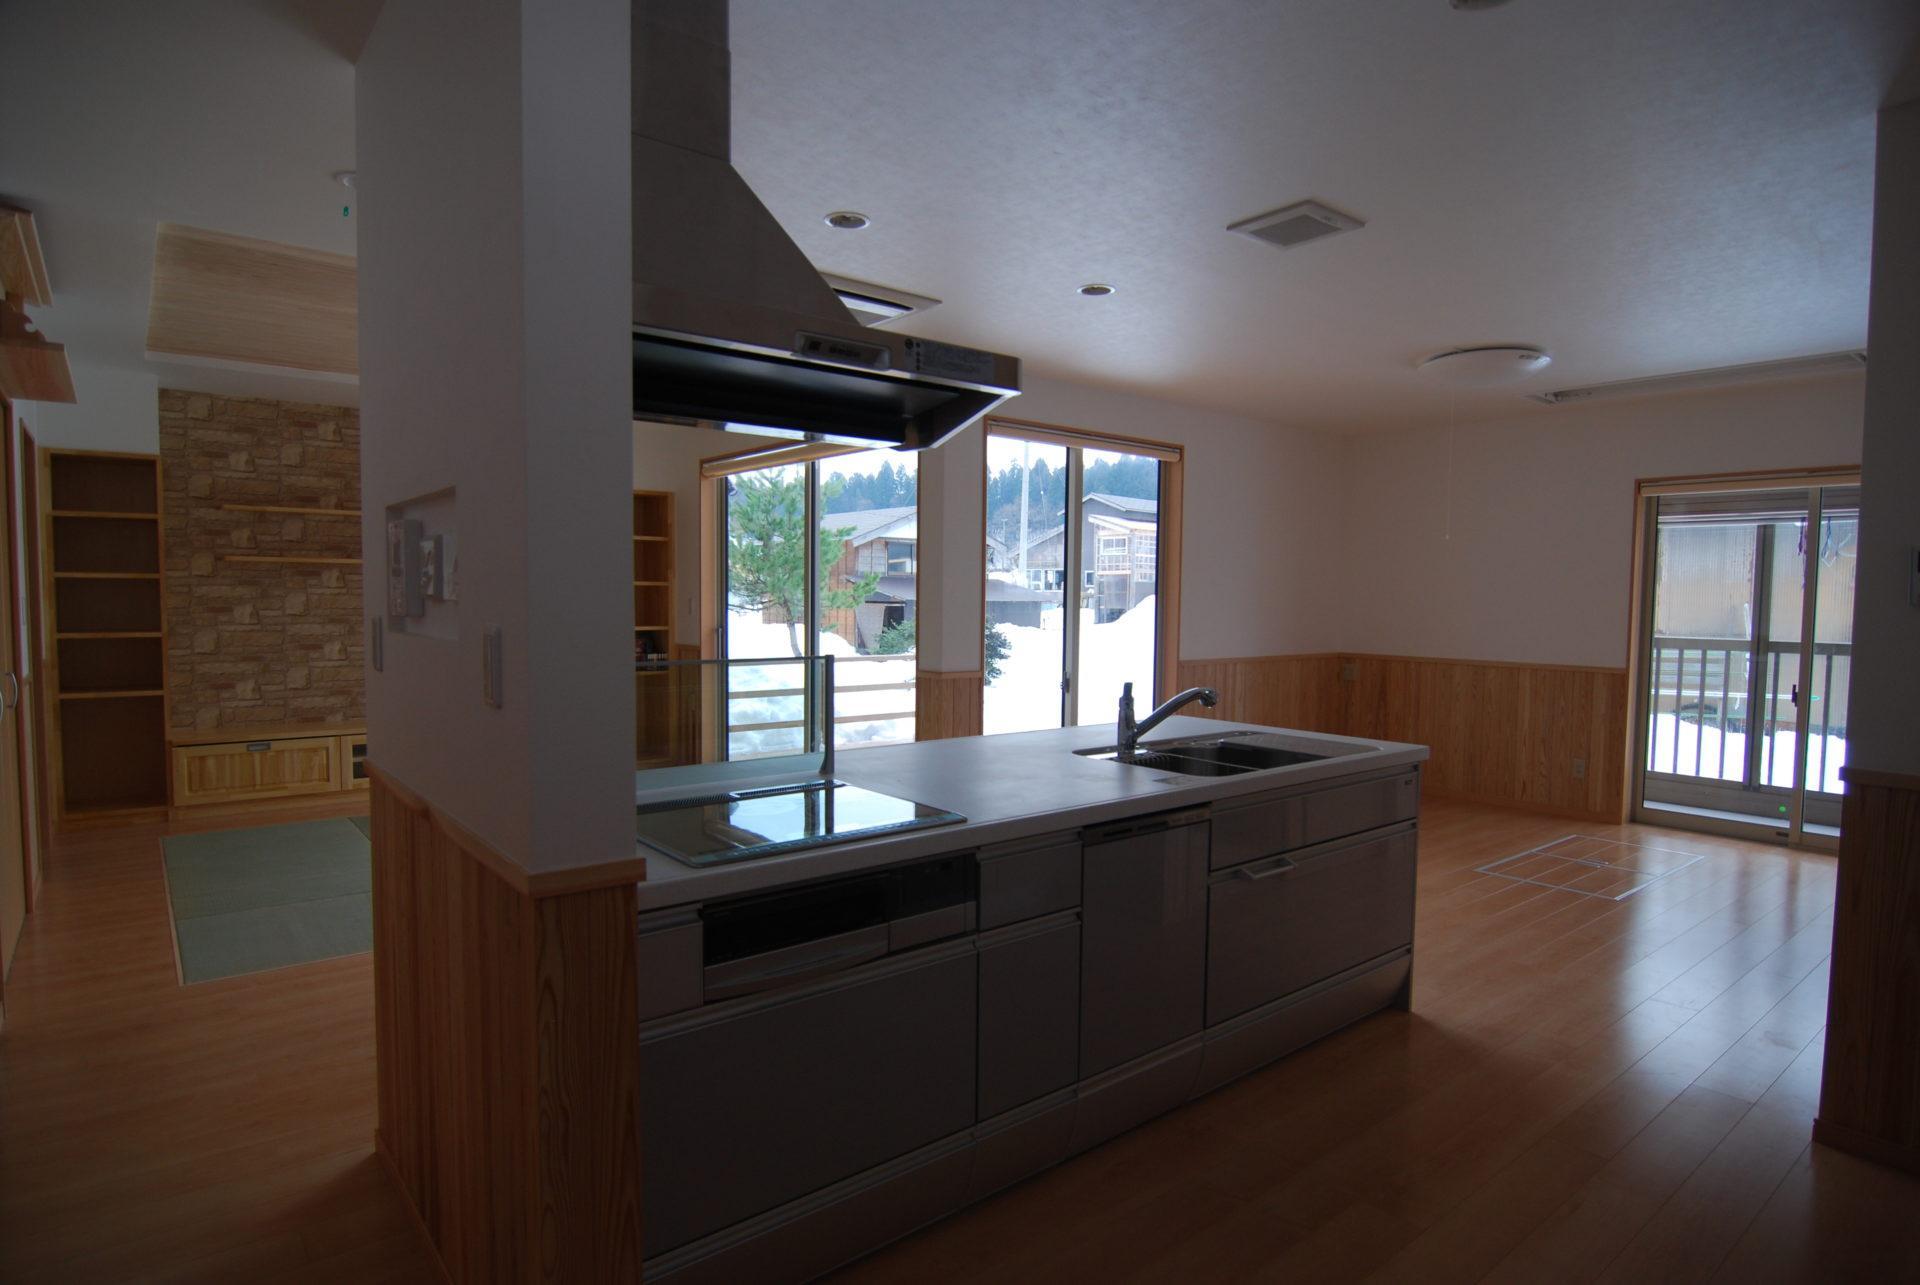 有限会社 市川建築店 1級建築士事務所「三条市 H様邸」のシンプル・ナチュラルなキッチンの実例写真